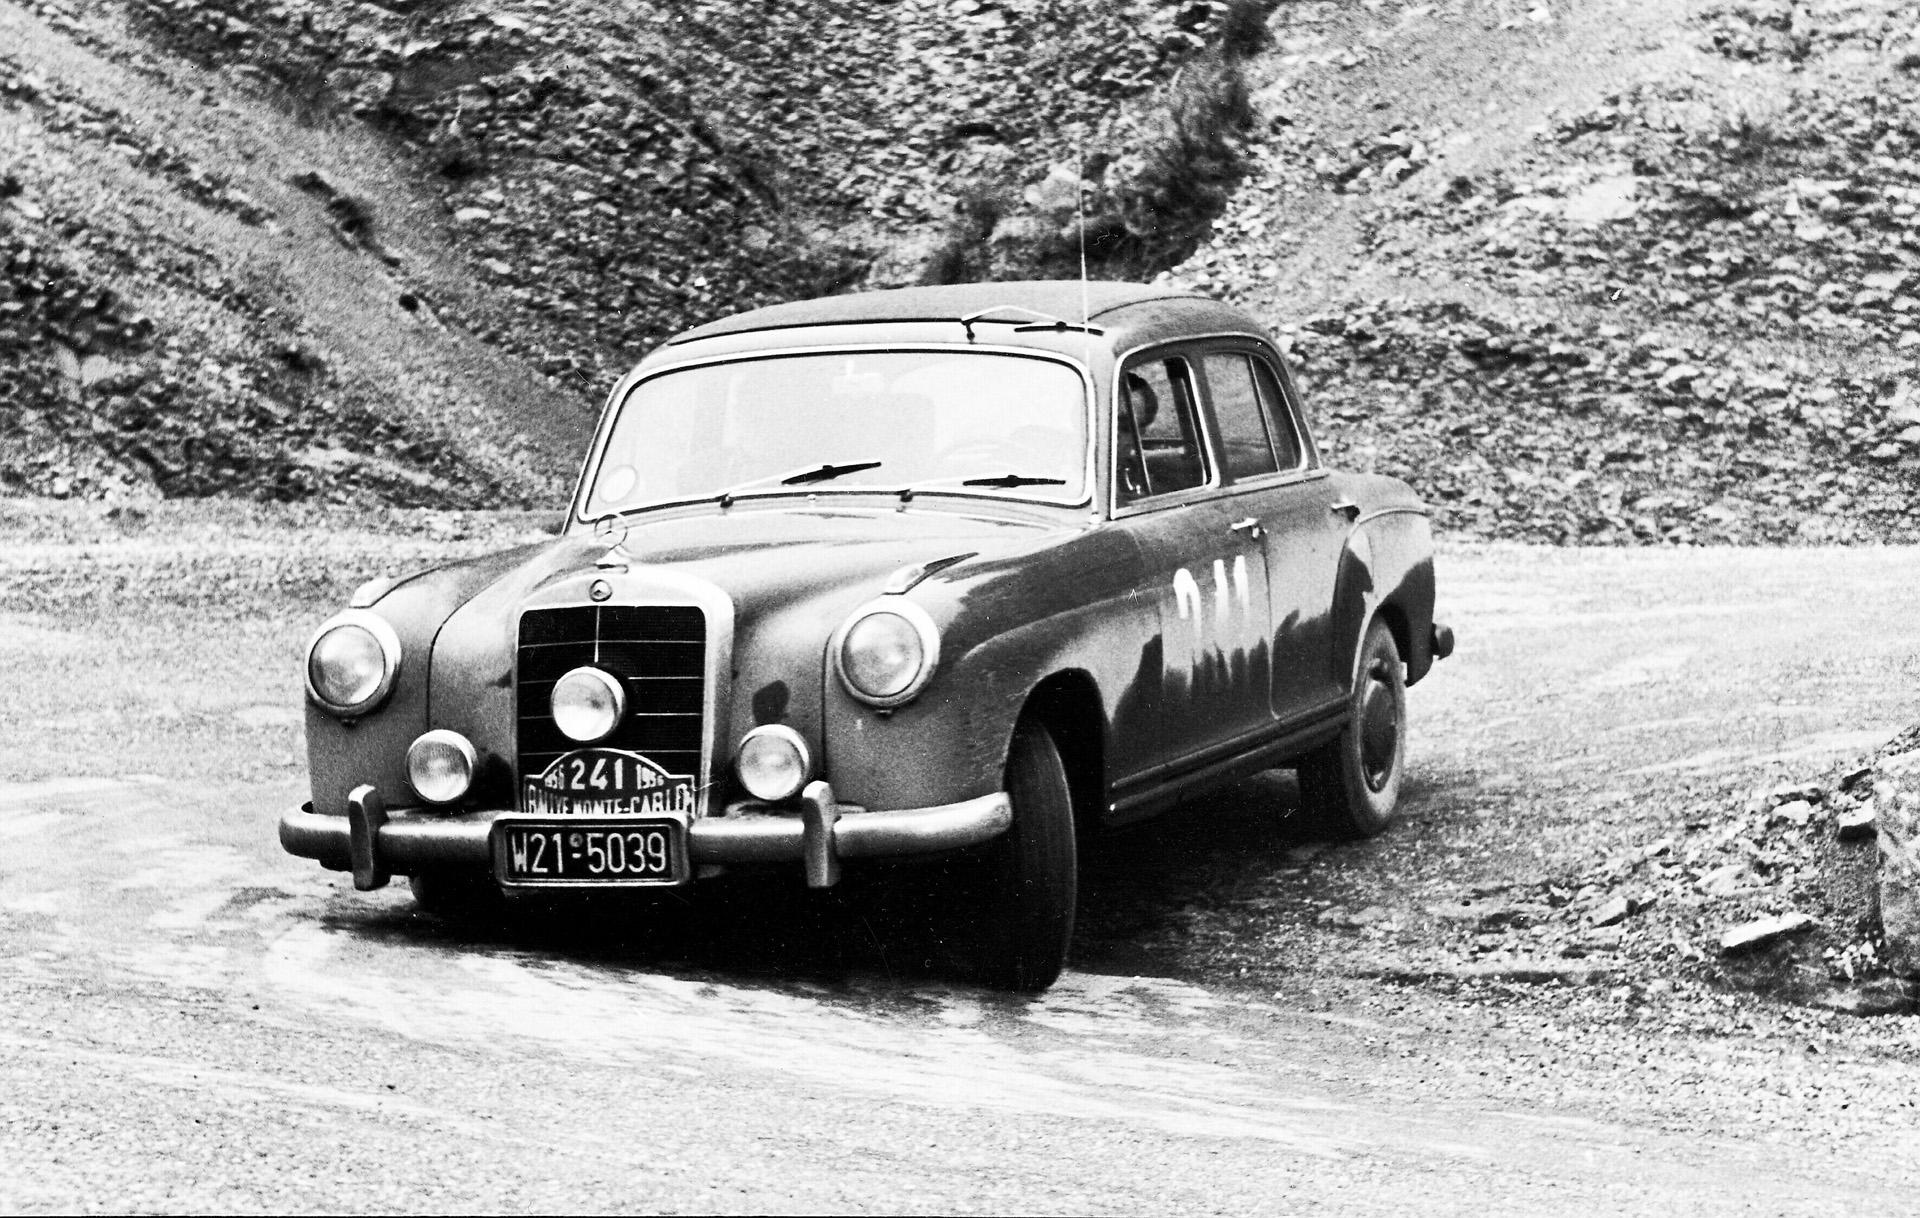 Walter Schock und Rolf Moll gewinnen vor 65 Jahren die Rallye-Europameisterschaft für Tourenwagen 1956. Bei der Rallye Monte Carlo vom 15. bis 23. Januar 1956 kommen Schock und Moll im Mercedes-Benz 220 mit der Startnummer 241 auf dem zweiten Platz ins Ziel. Das Foto zeigt das Mercedes-Benz Team während einer Sonderprüfung bei La Turbie.